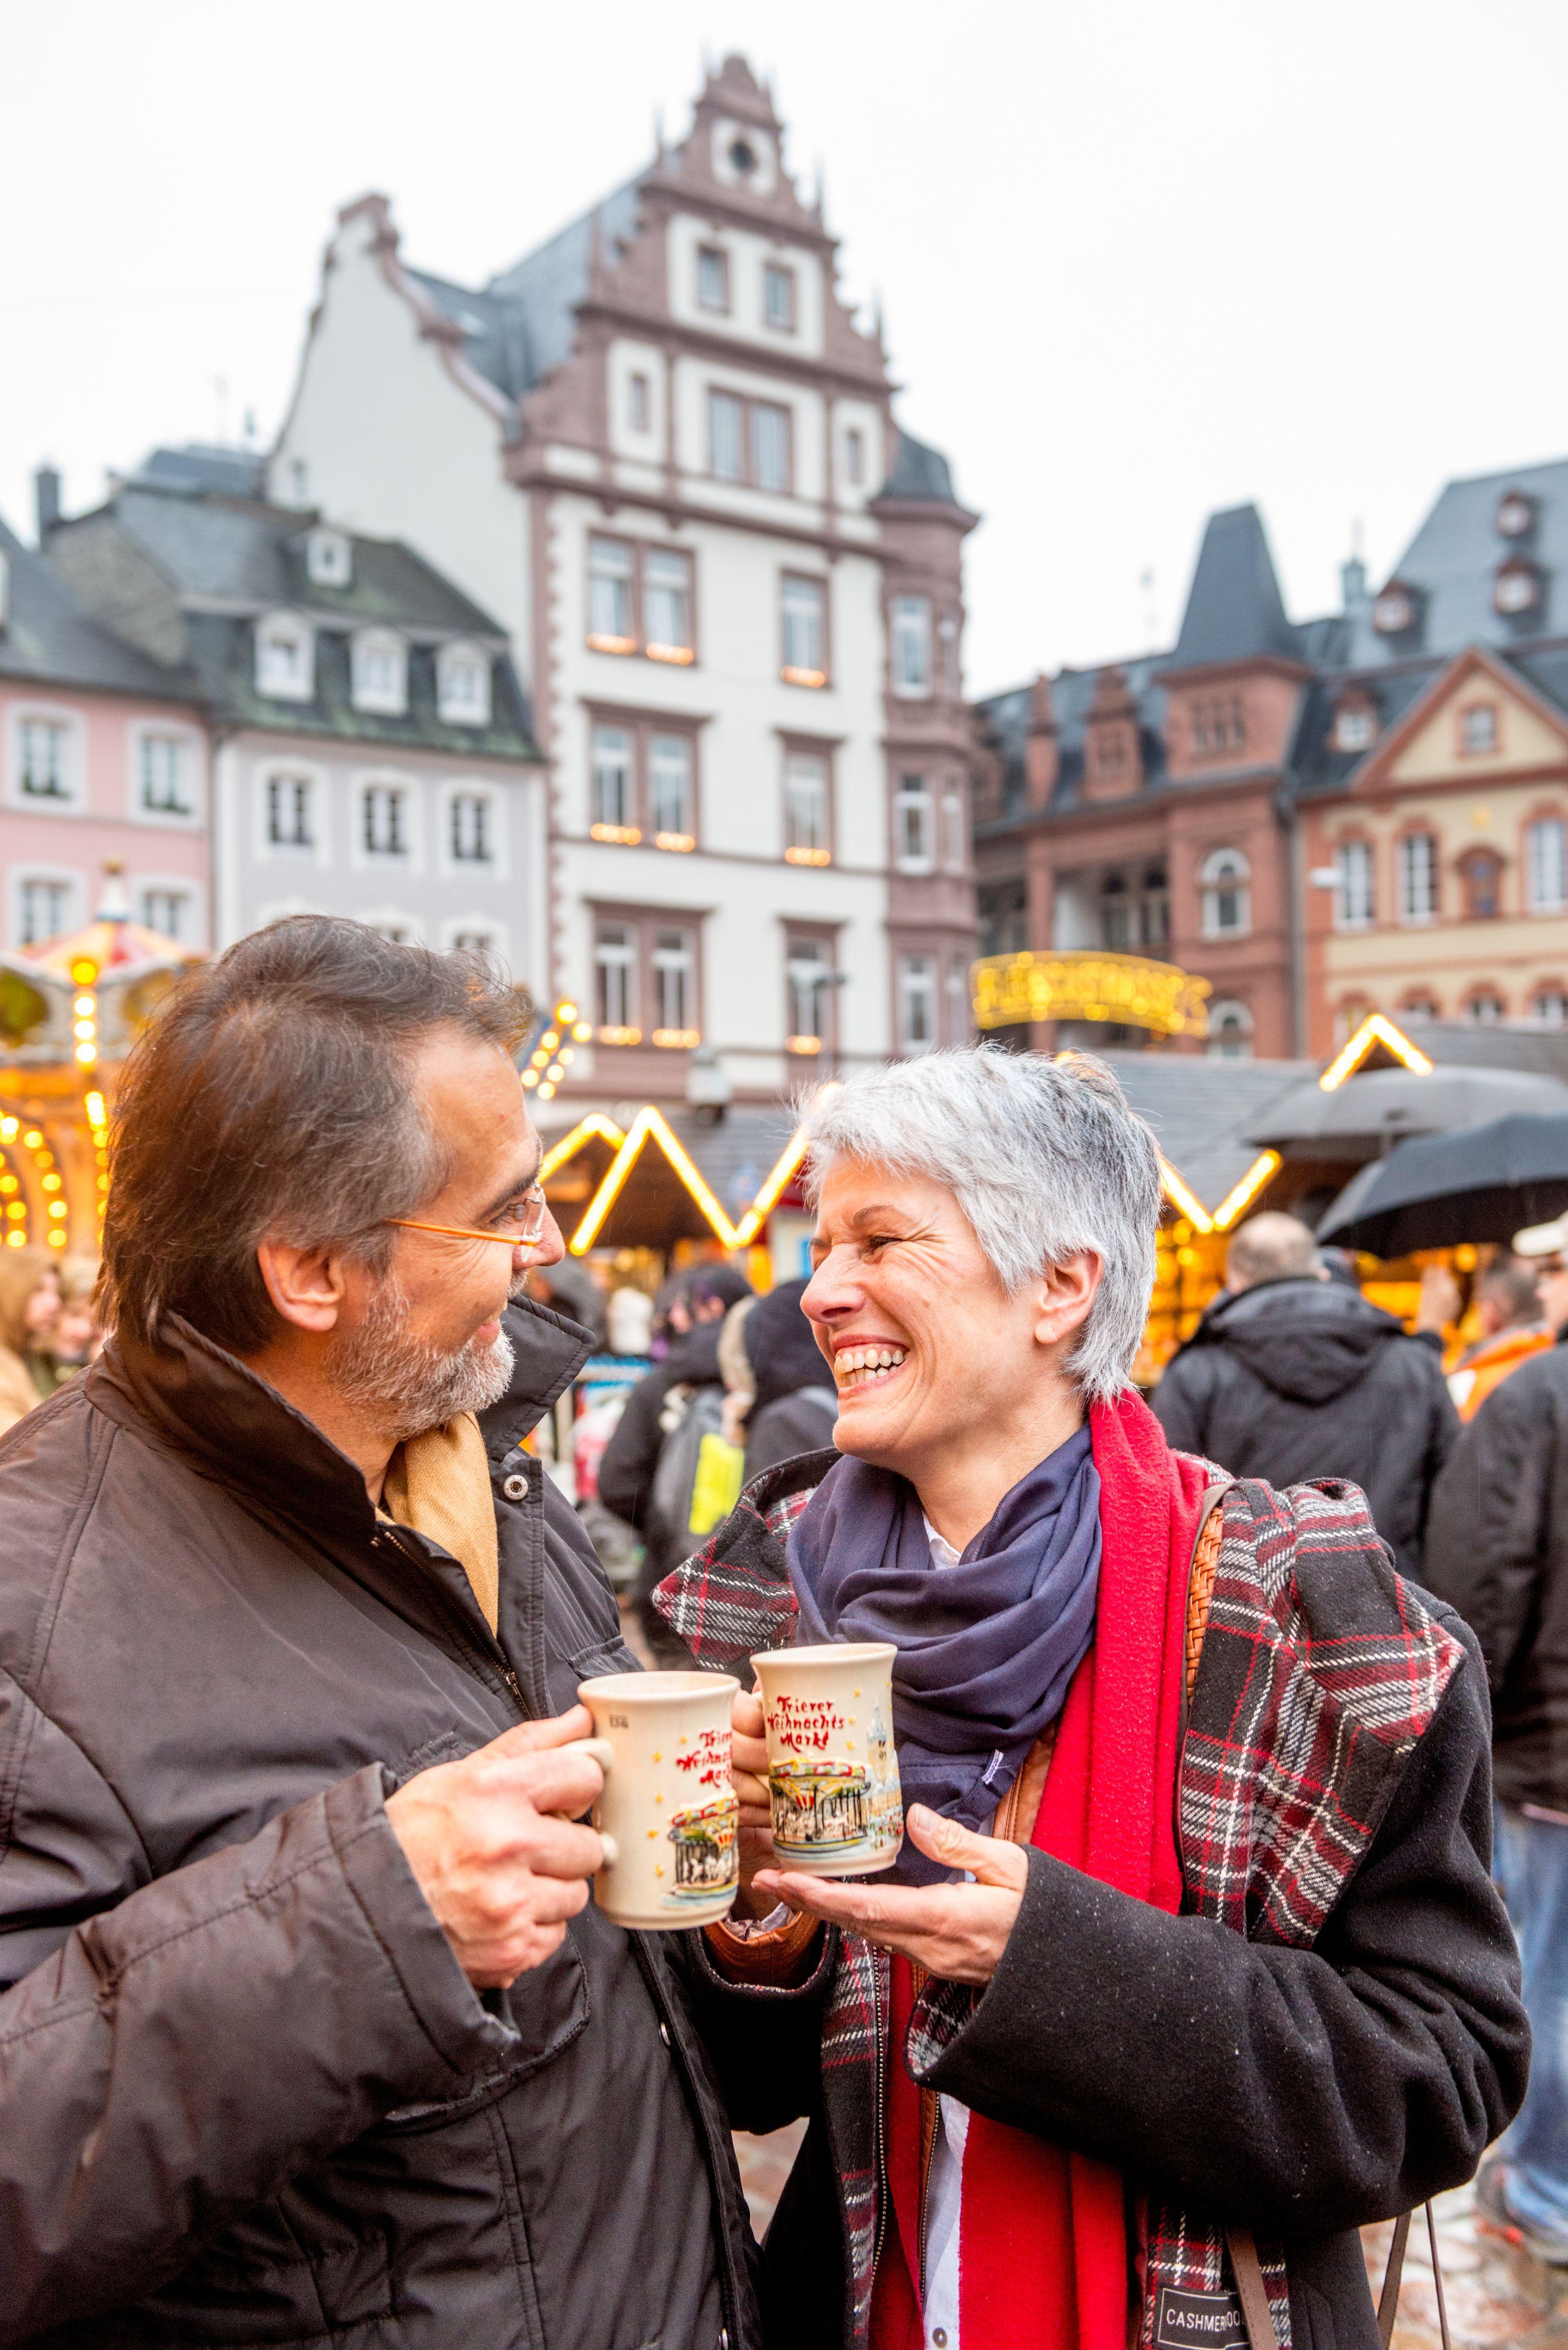 Winzerglühwein auf dem Weihnachtsmarkt in Trier genießen, Mosel